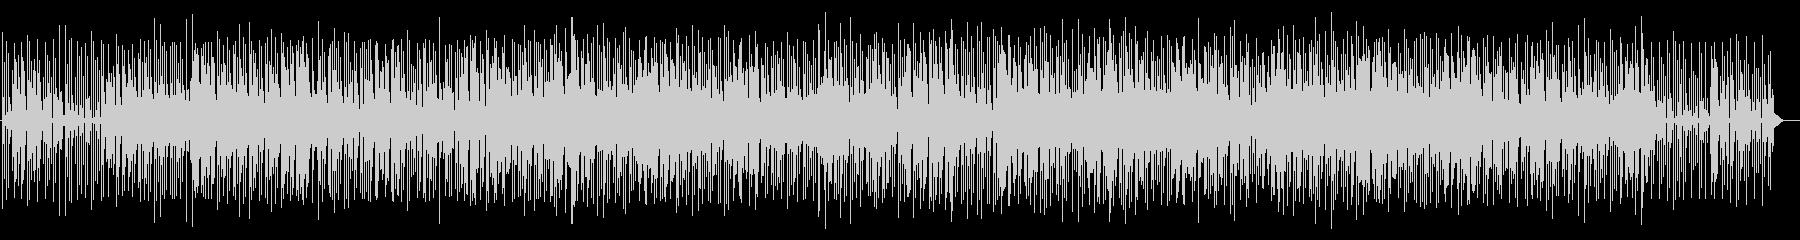 軽快でかわいらしいポップミュージックの未再生の波形